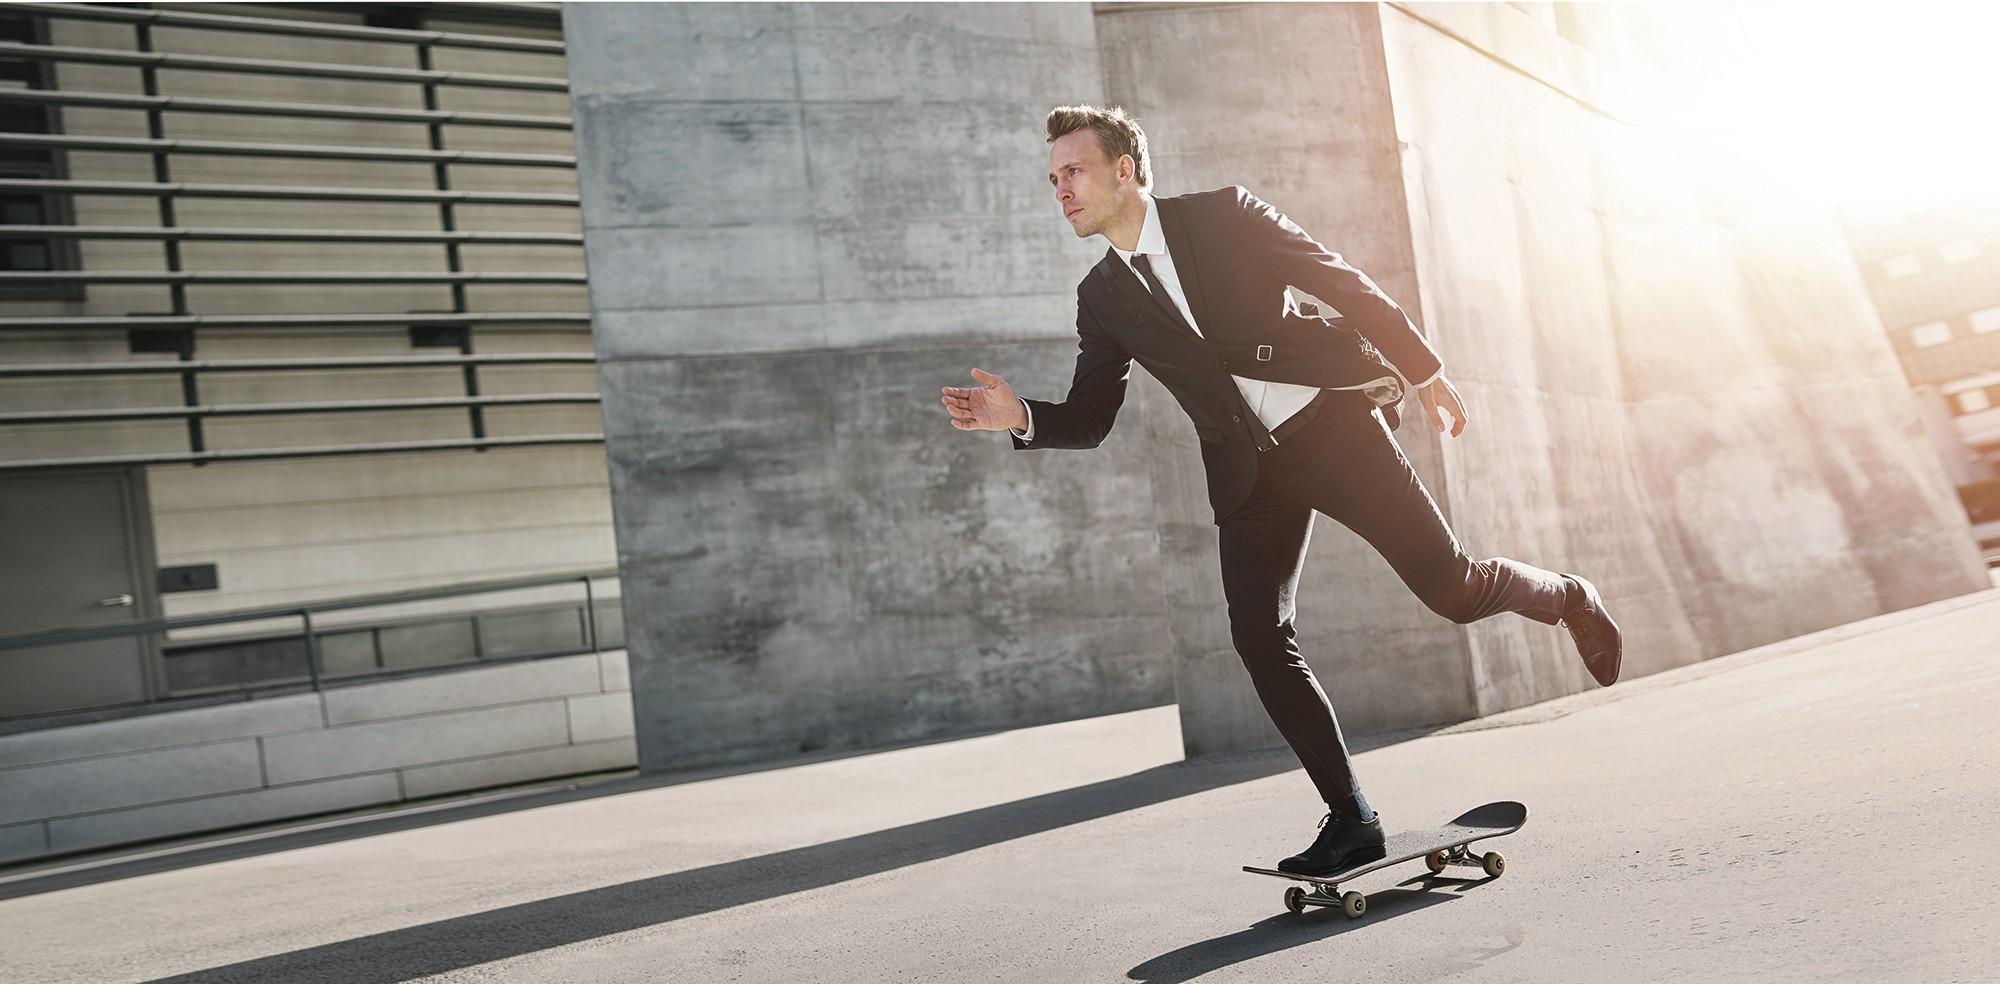 Muškarac u odijelu se vozi na skateboardu